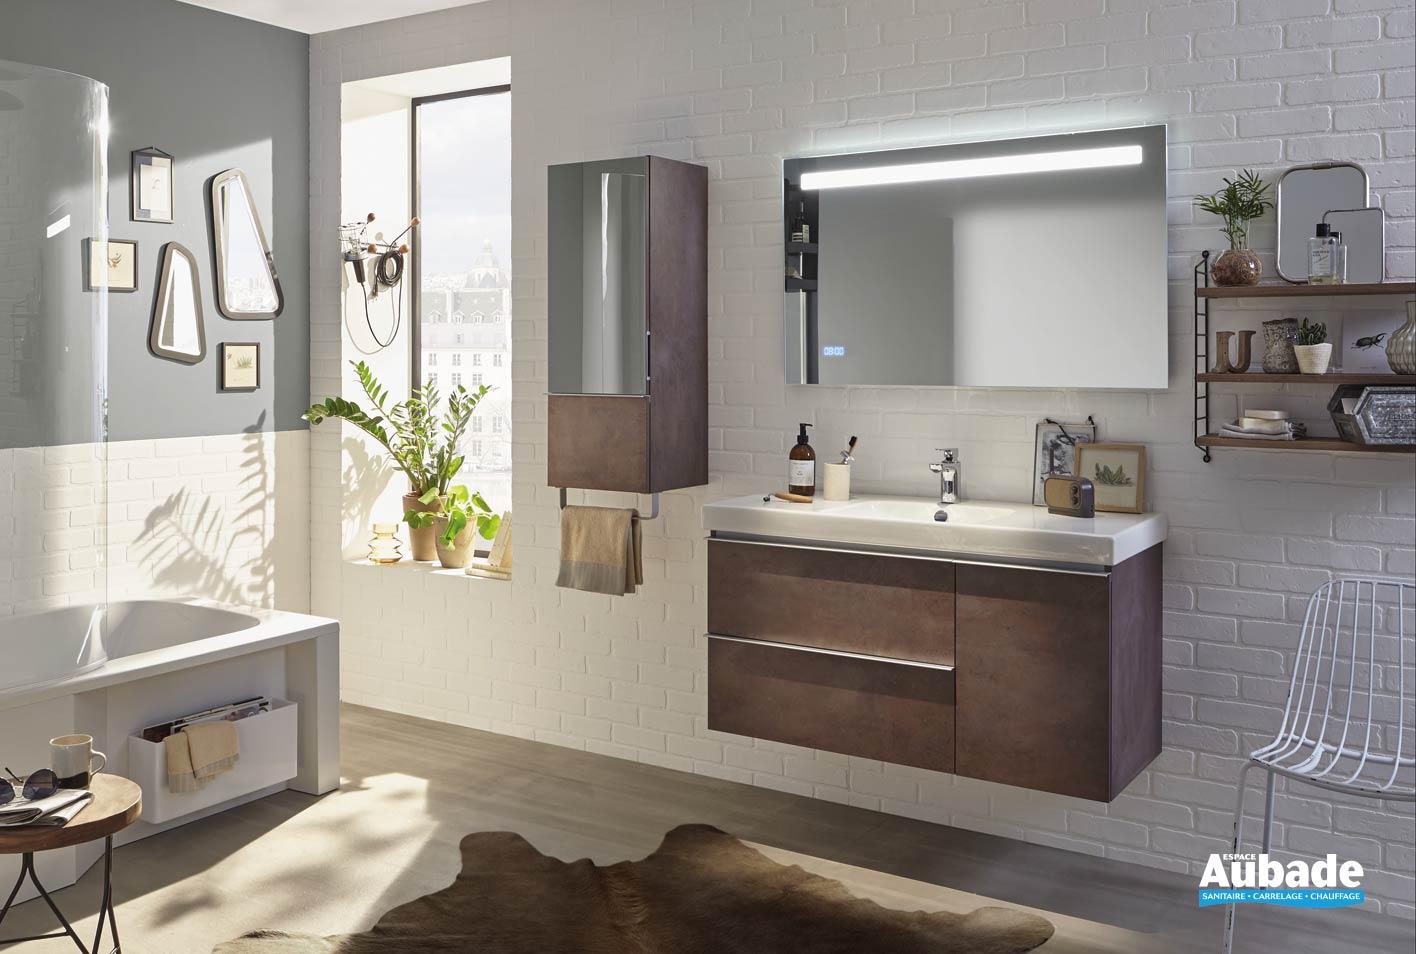 Organiser Meuble Sous Evier meubles salle de bains modernes odéon up | espace aubade